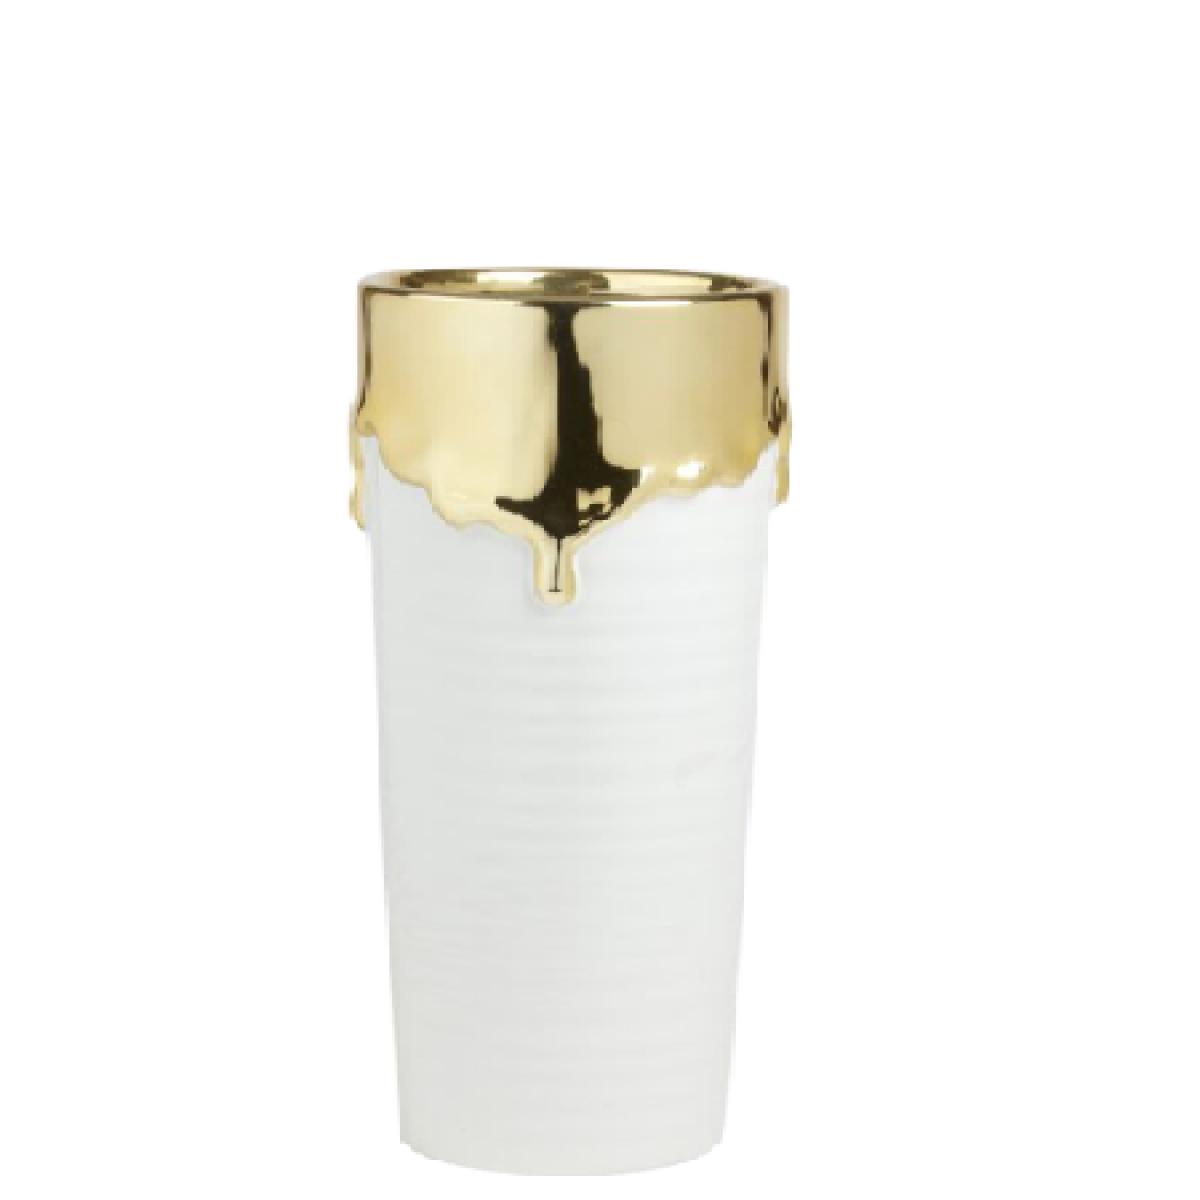 Abajo White & Gold 14x30cm Ceramic Vase - 1 No